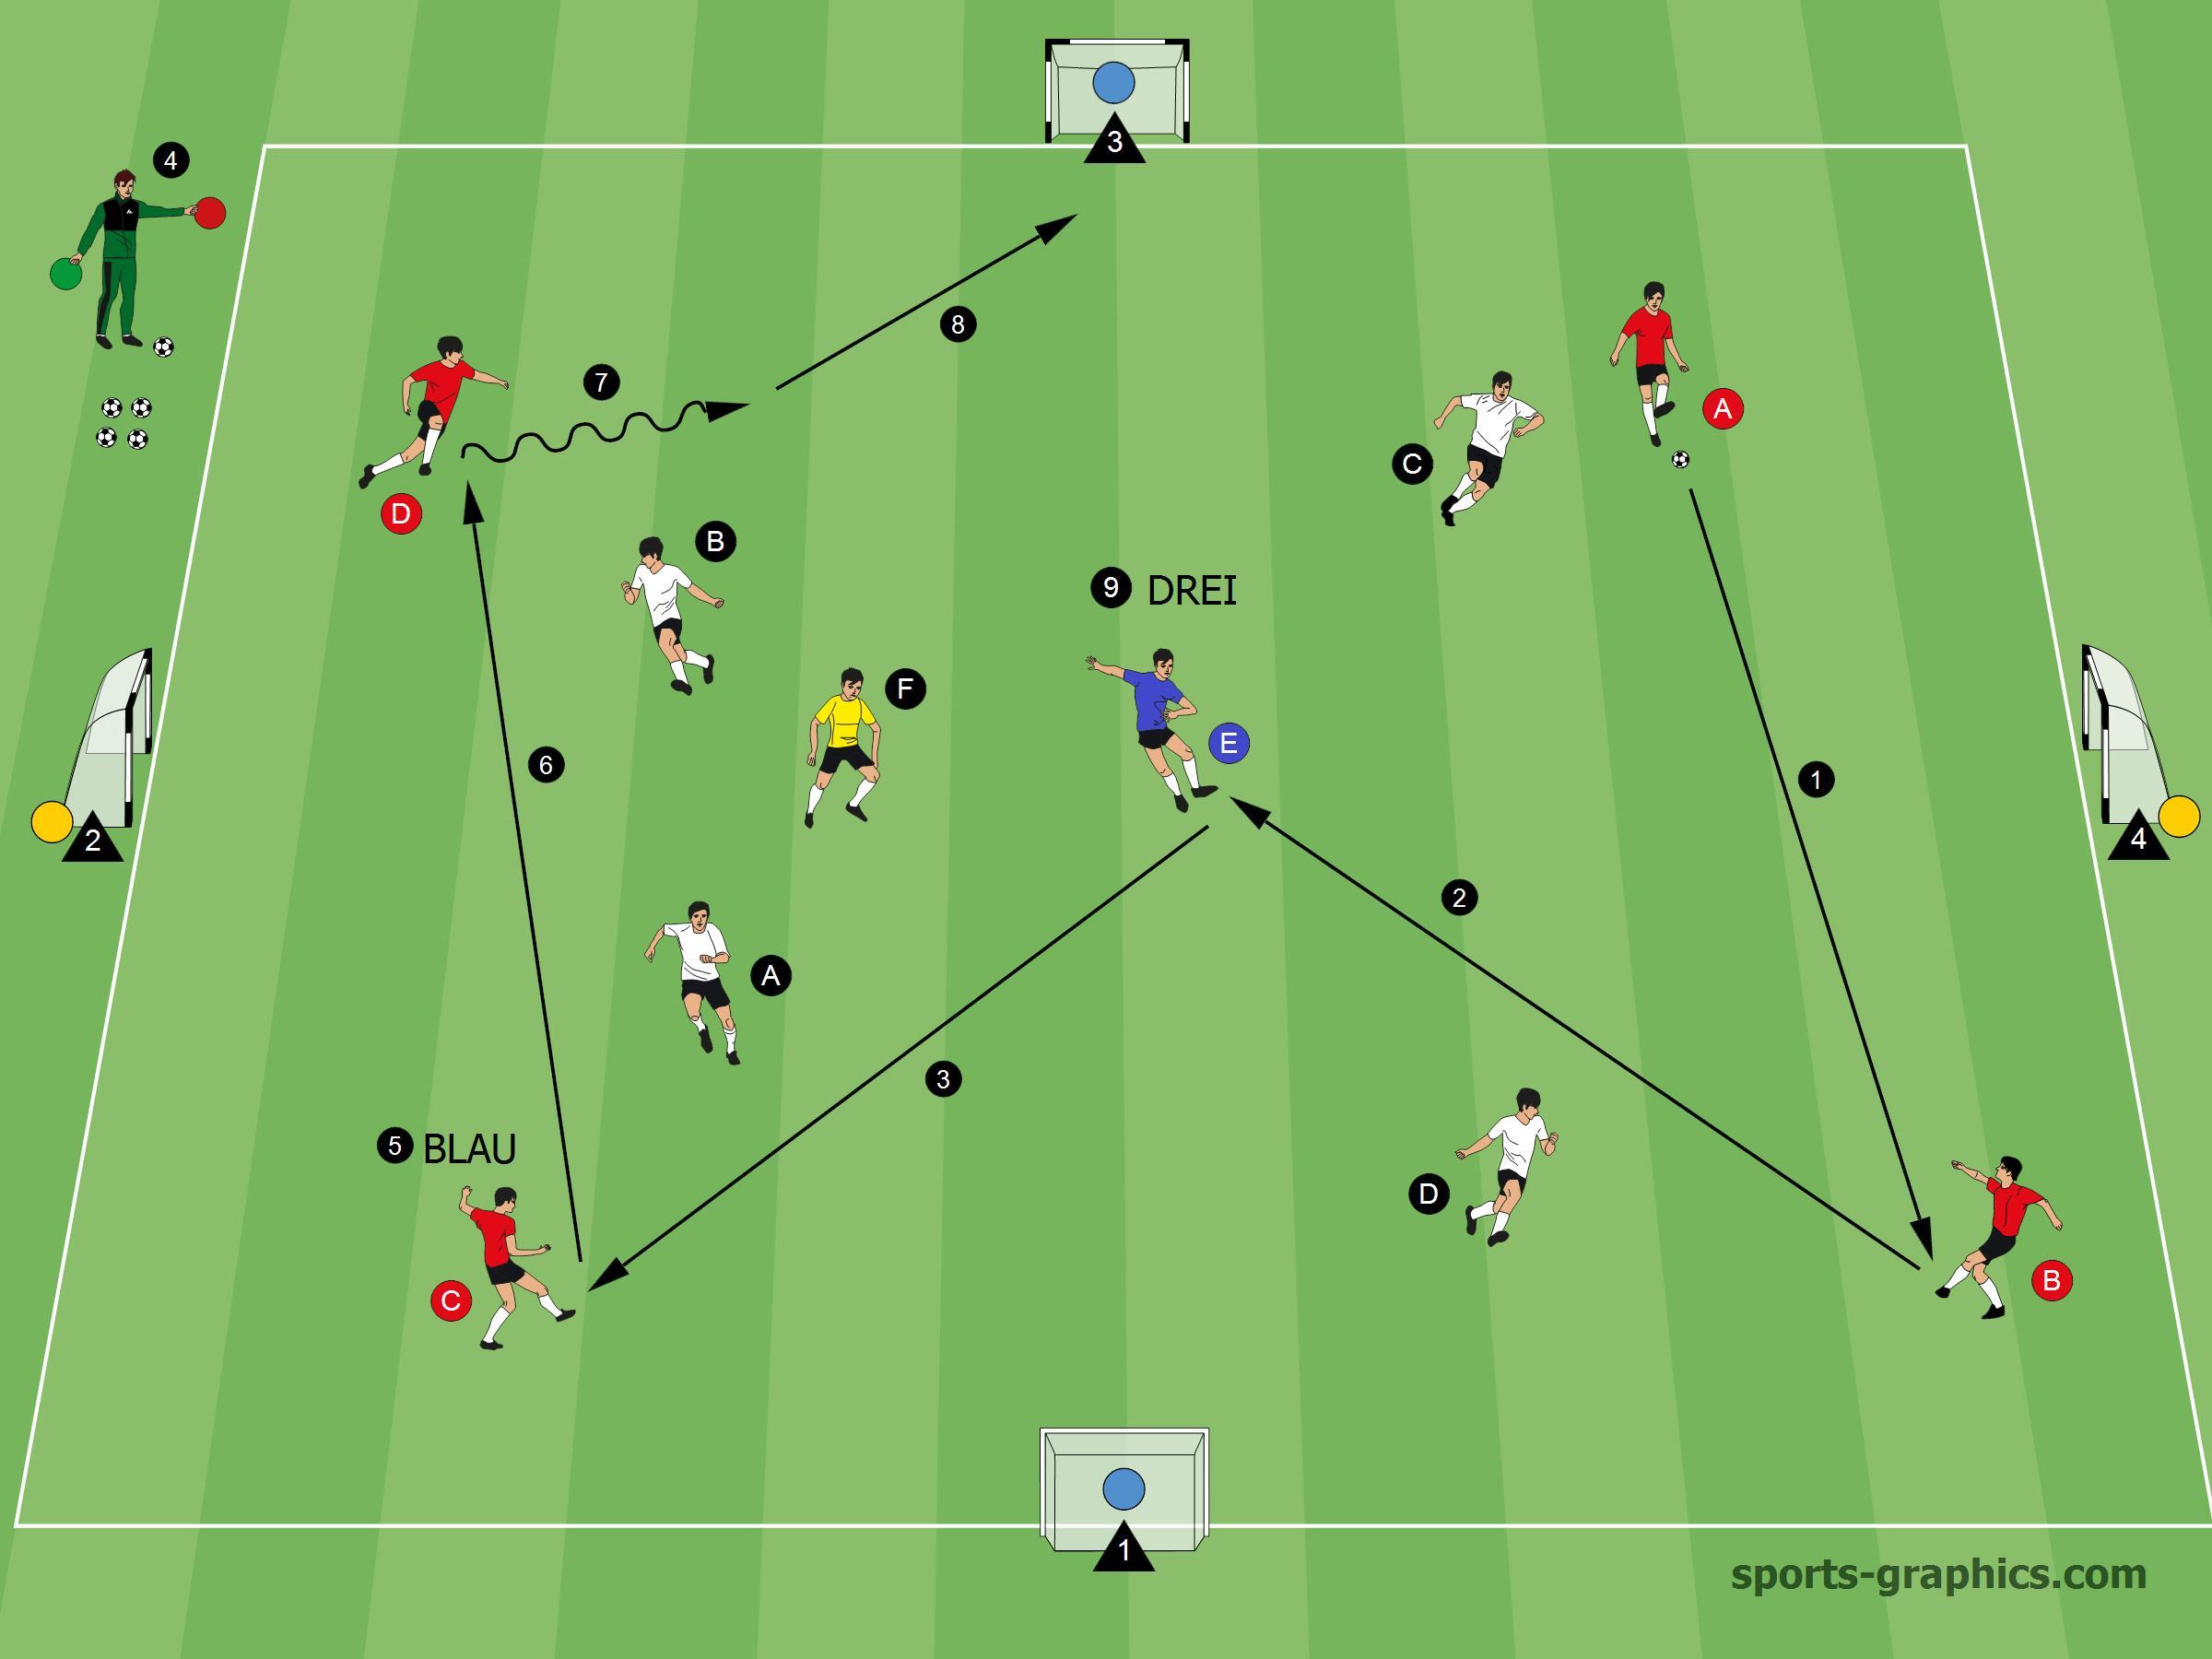 Spielform 4 gegen 4 plus 2 mit Orientierung